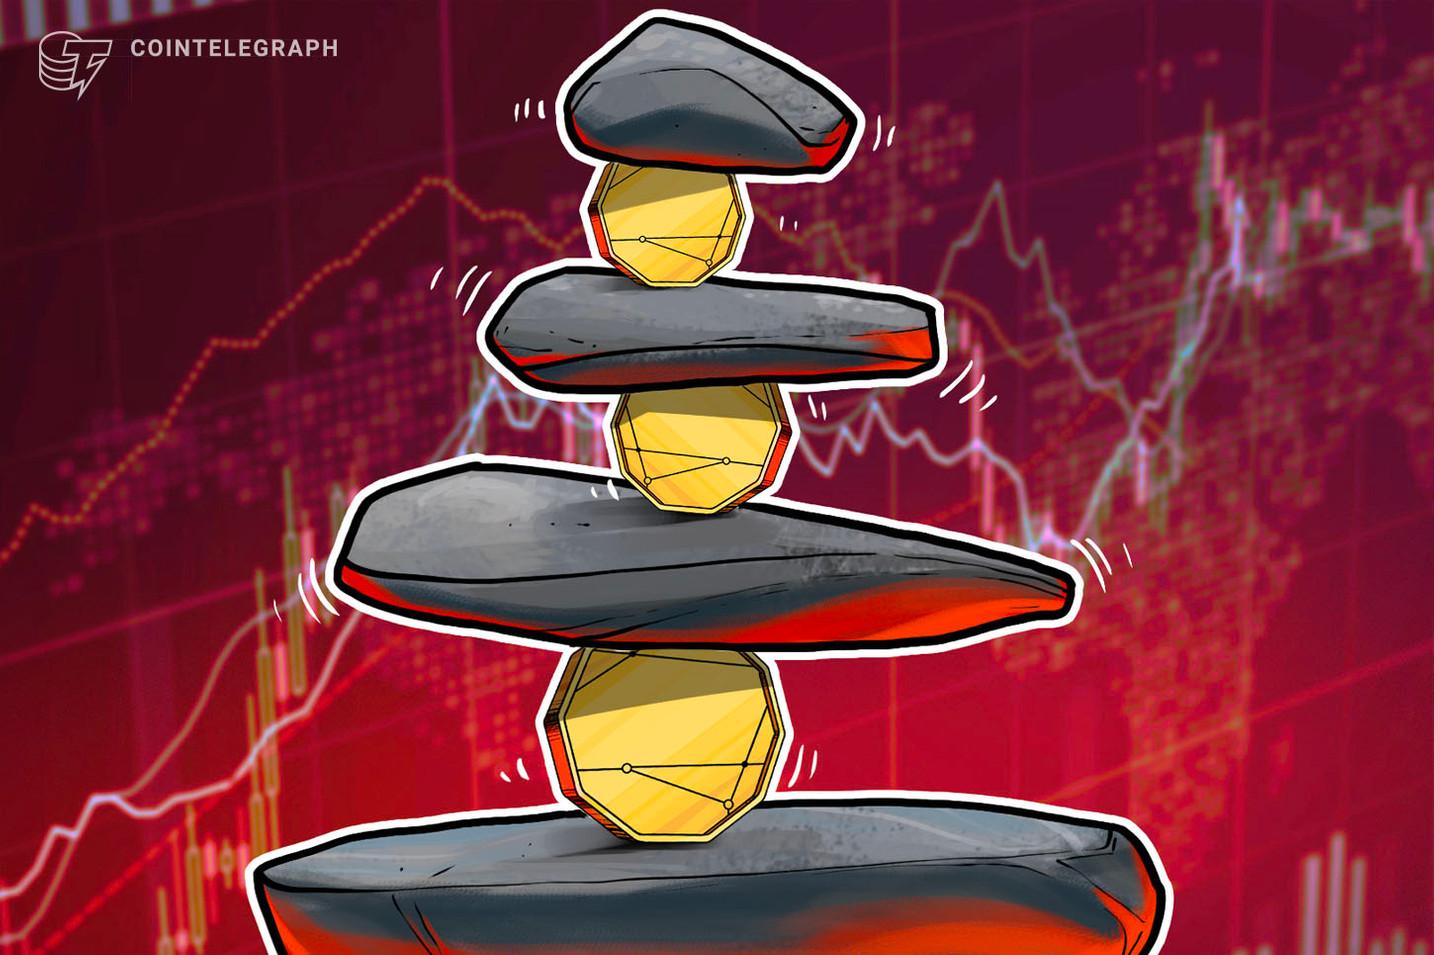 Preço do Bitcoin luta para manter o suporte de US$ 10.000 enquanto altcoins têm queda